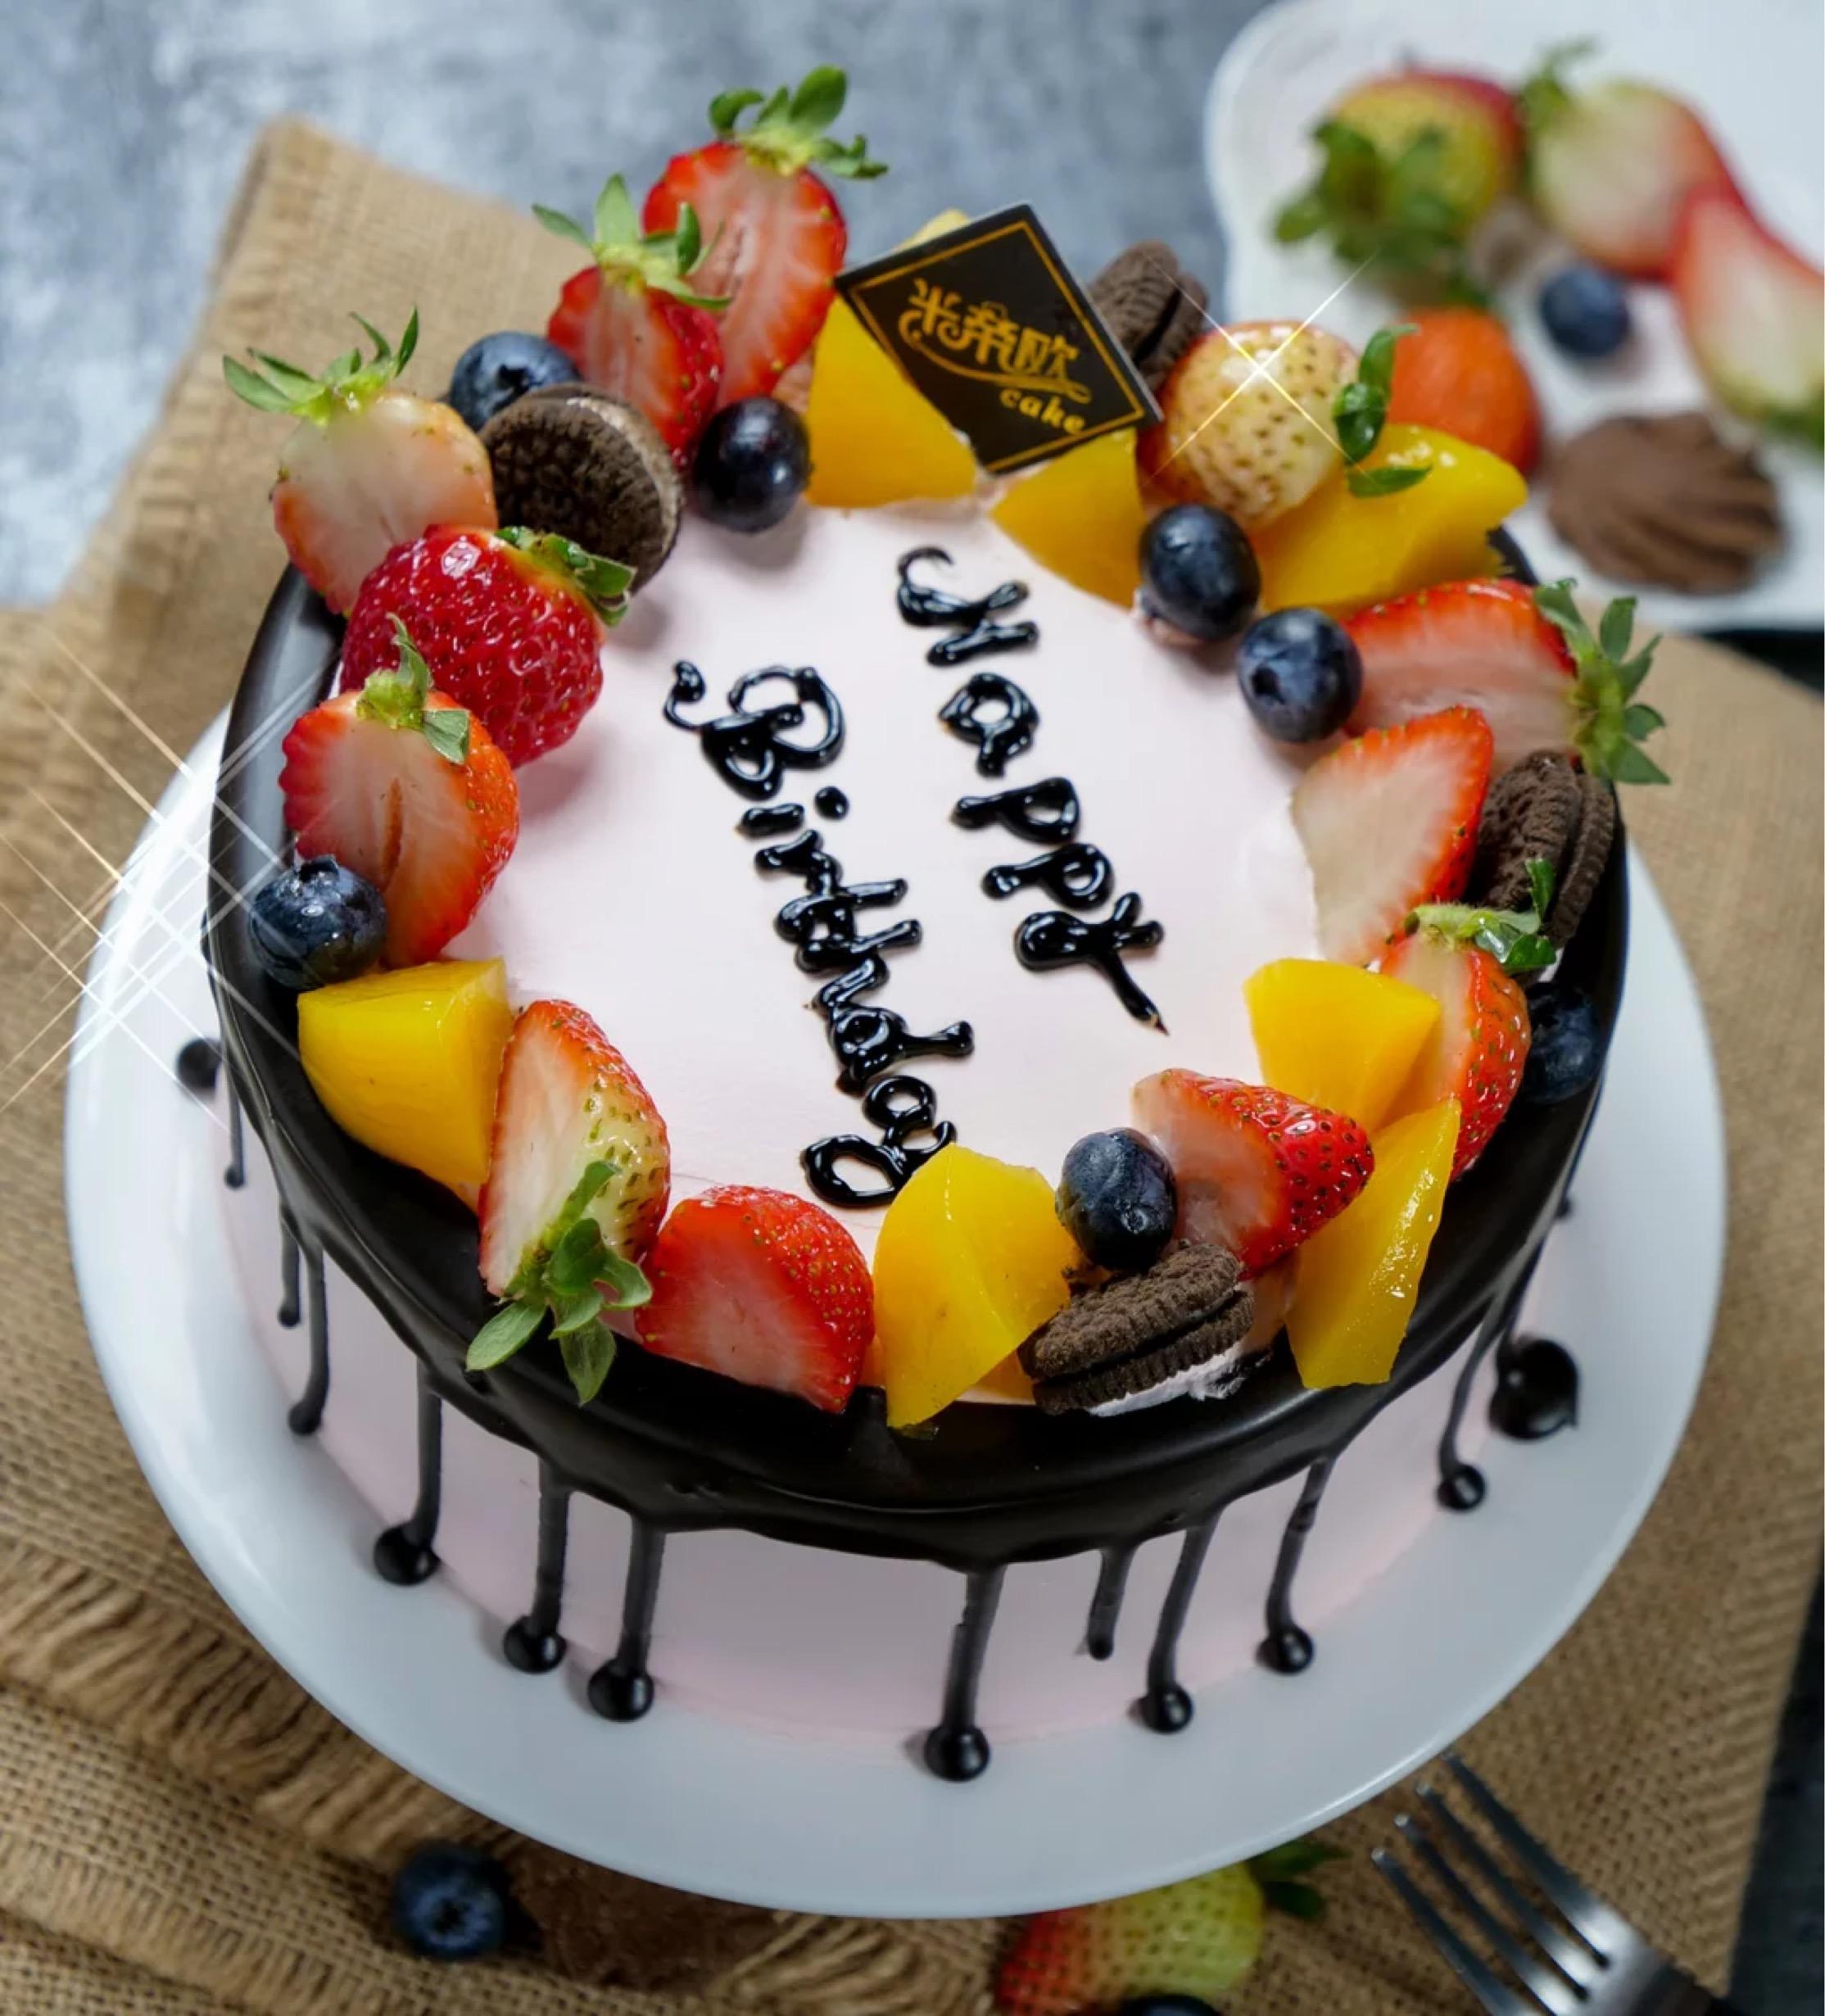 新鲜水果创意生日蛋糕北京上海广州深圳唐山福州重庆网红同城定制